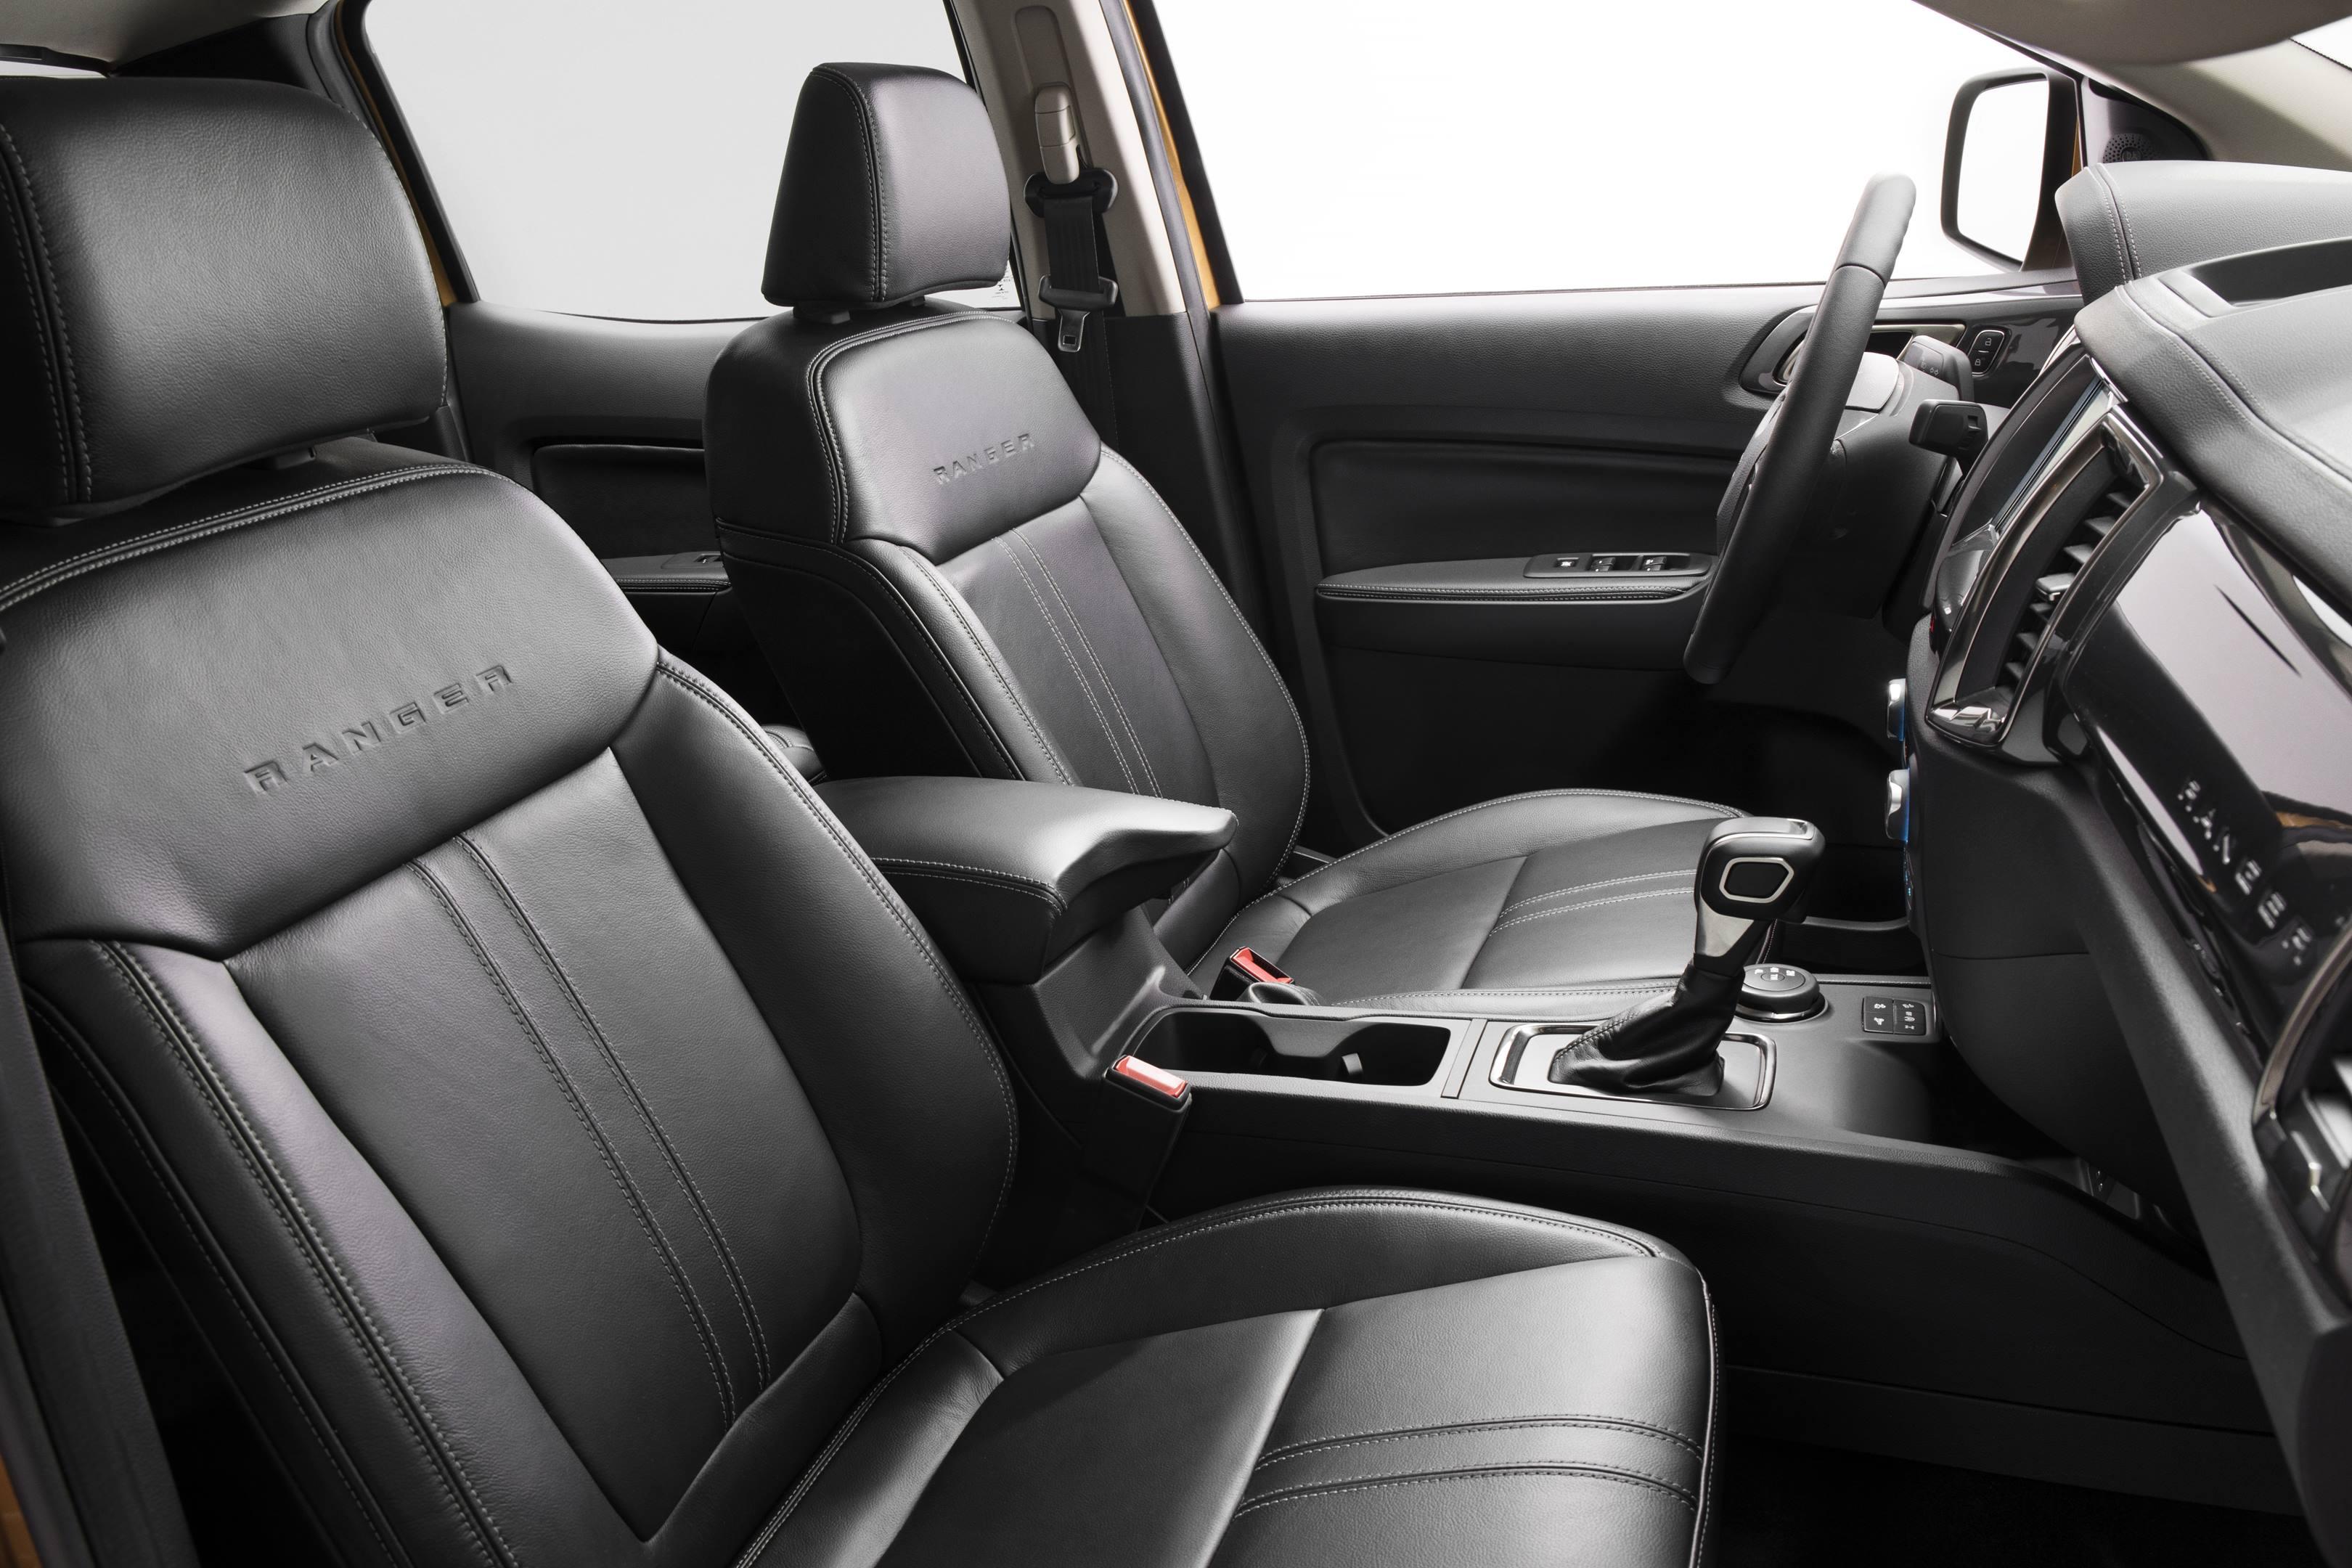 2019 Ford Ranger seat detail